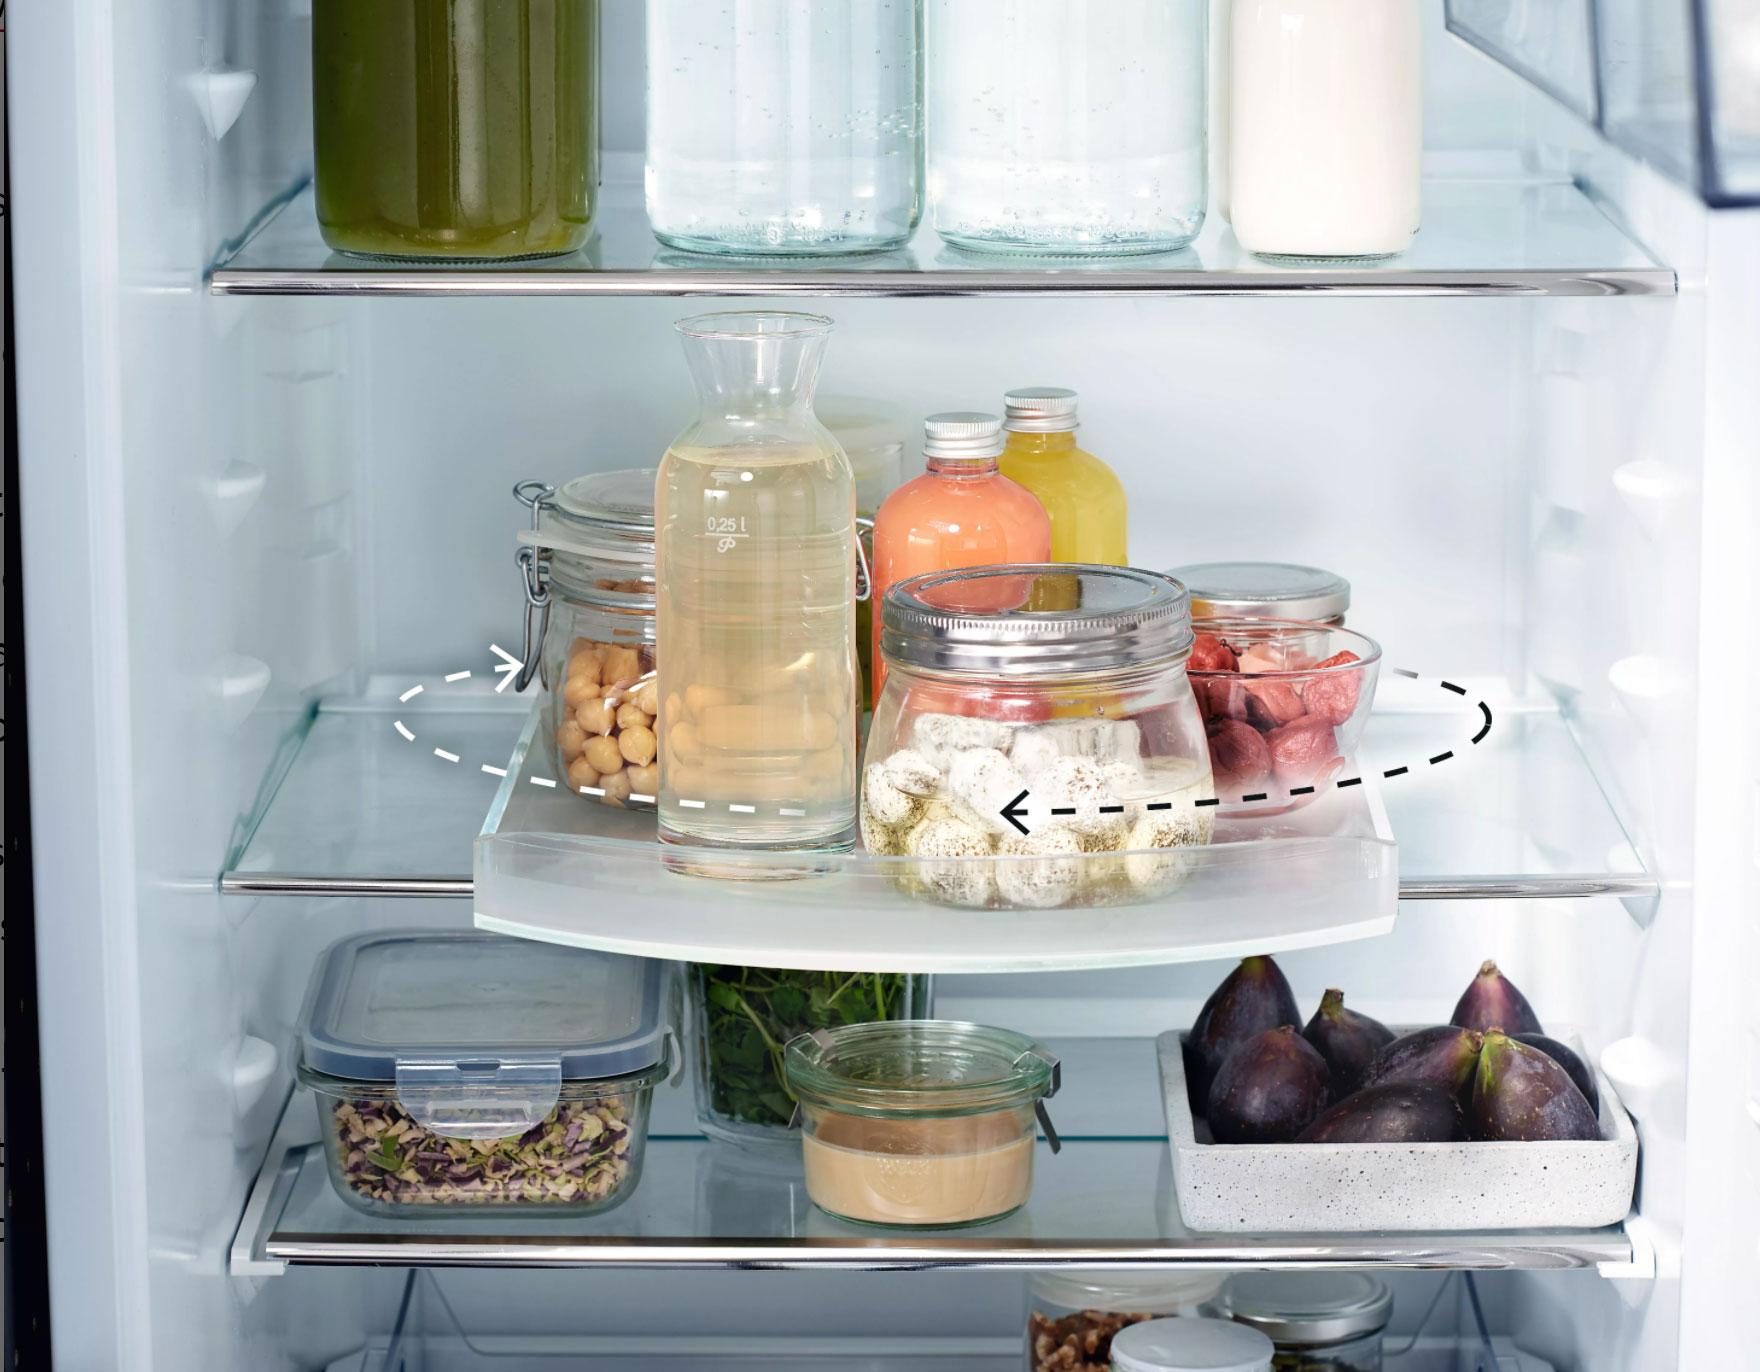 ظرفهای چرخشی در یخچال